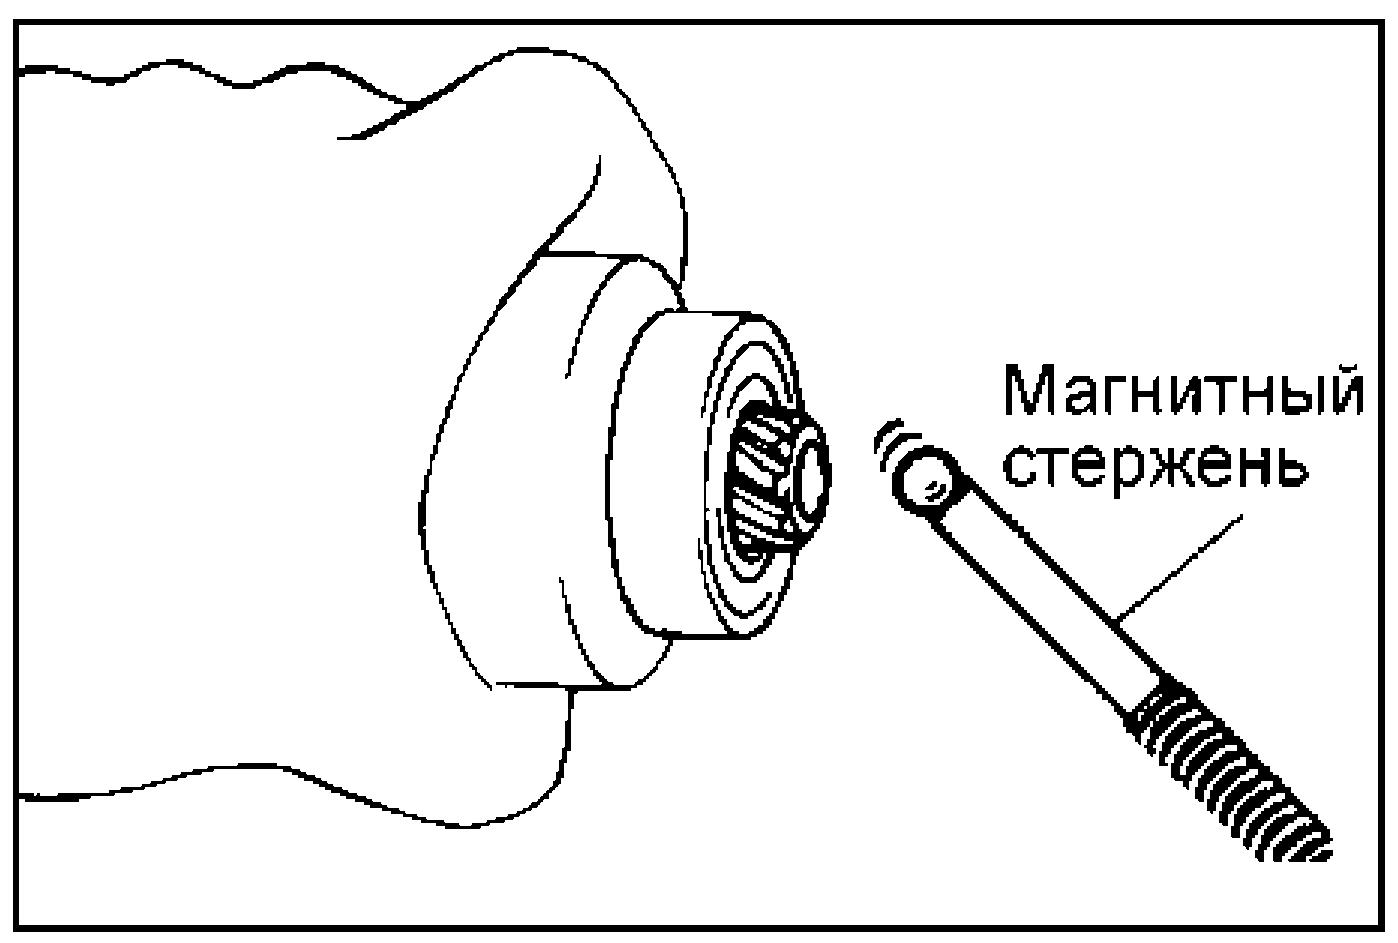 Шарик в валике обгонной муфты